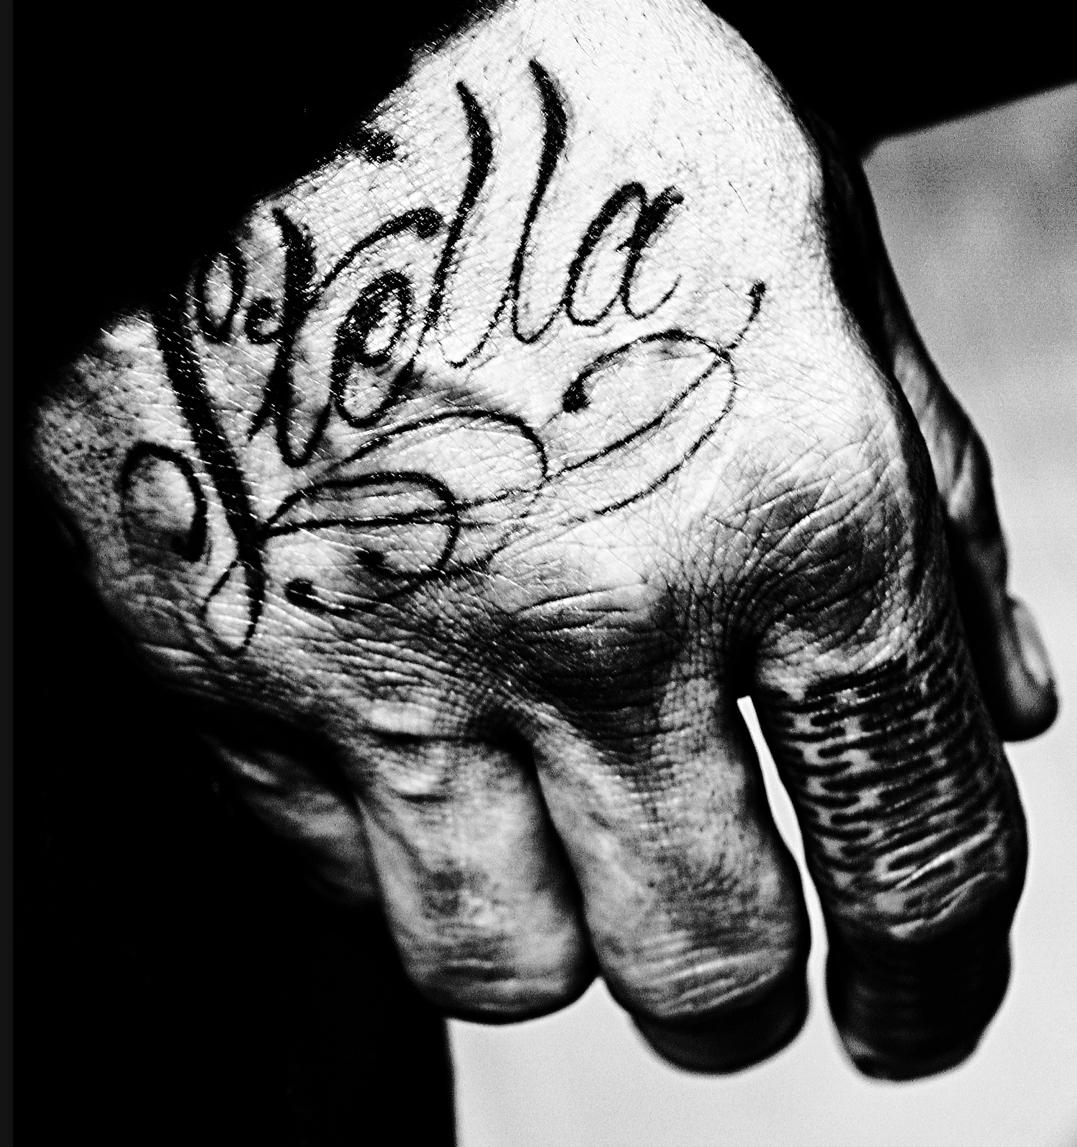 Black and white tattoo ideas brett walker  tattoo  pinterest  tattoo